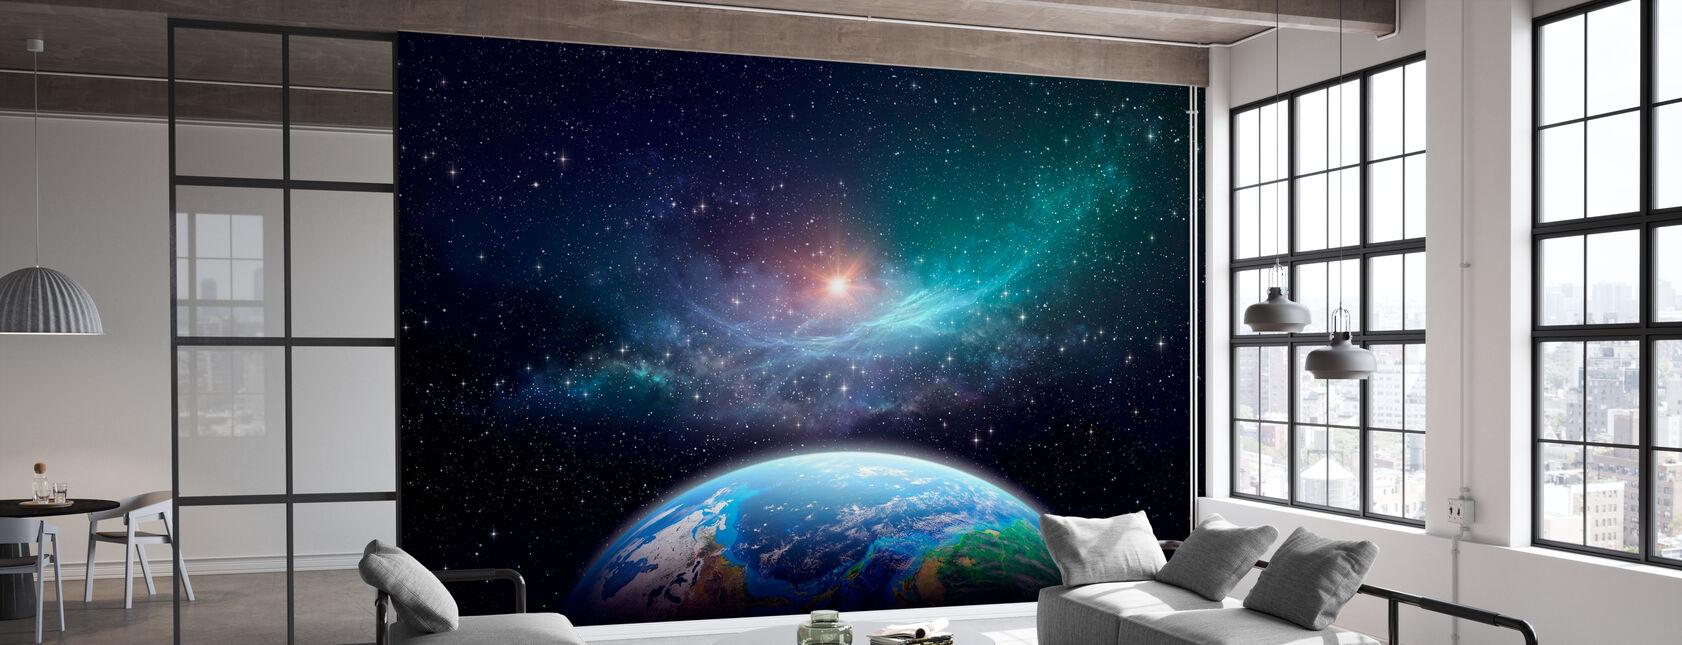 Exoplanet in de diepe ruimte - Behang - Kantoor